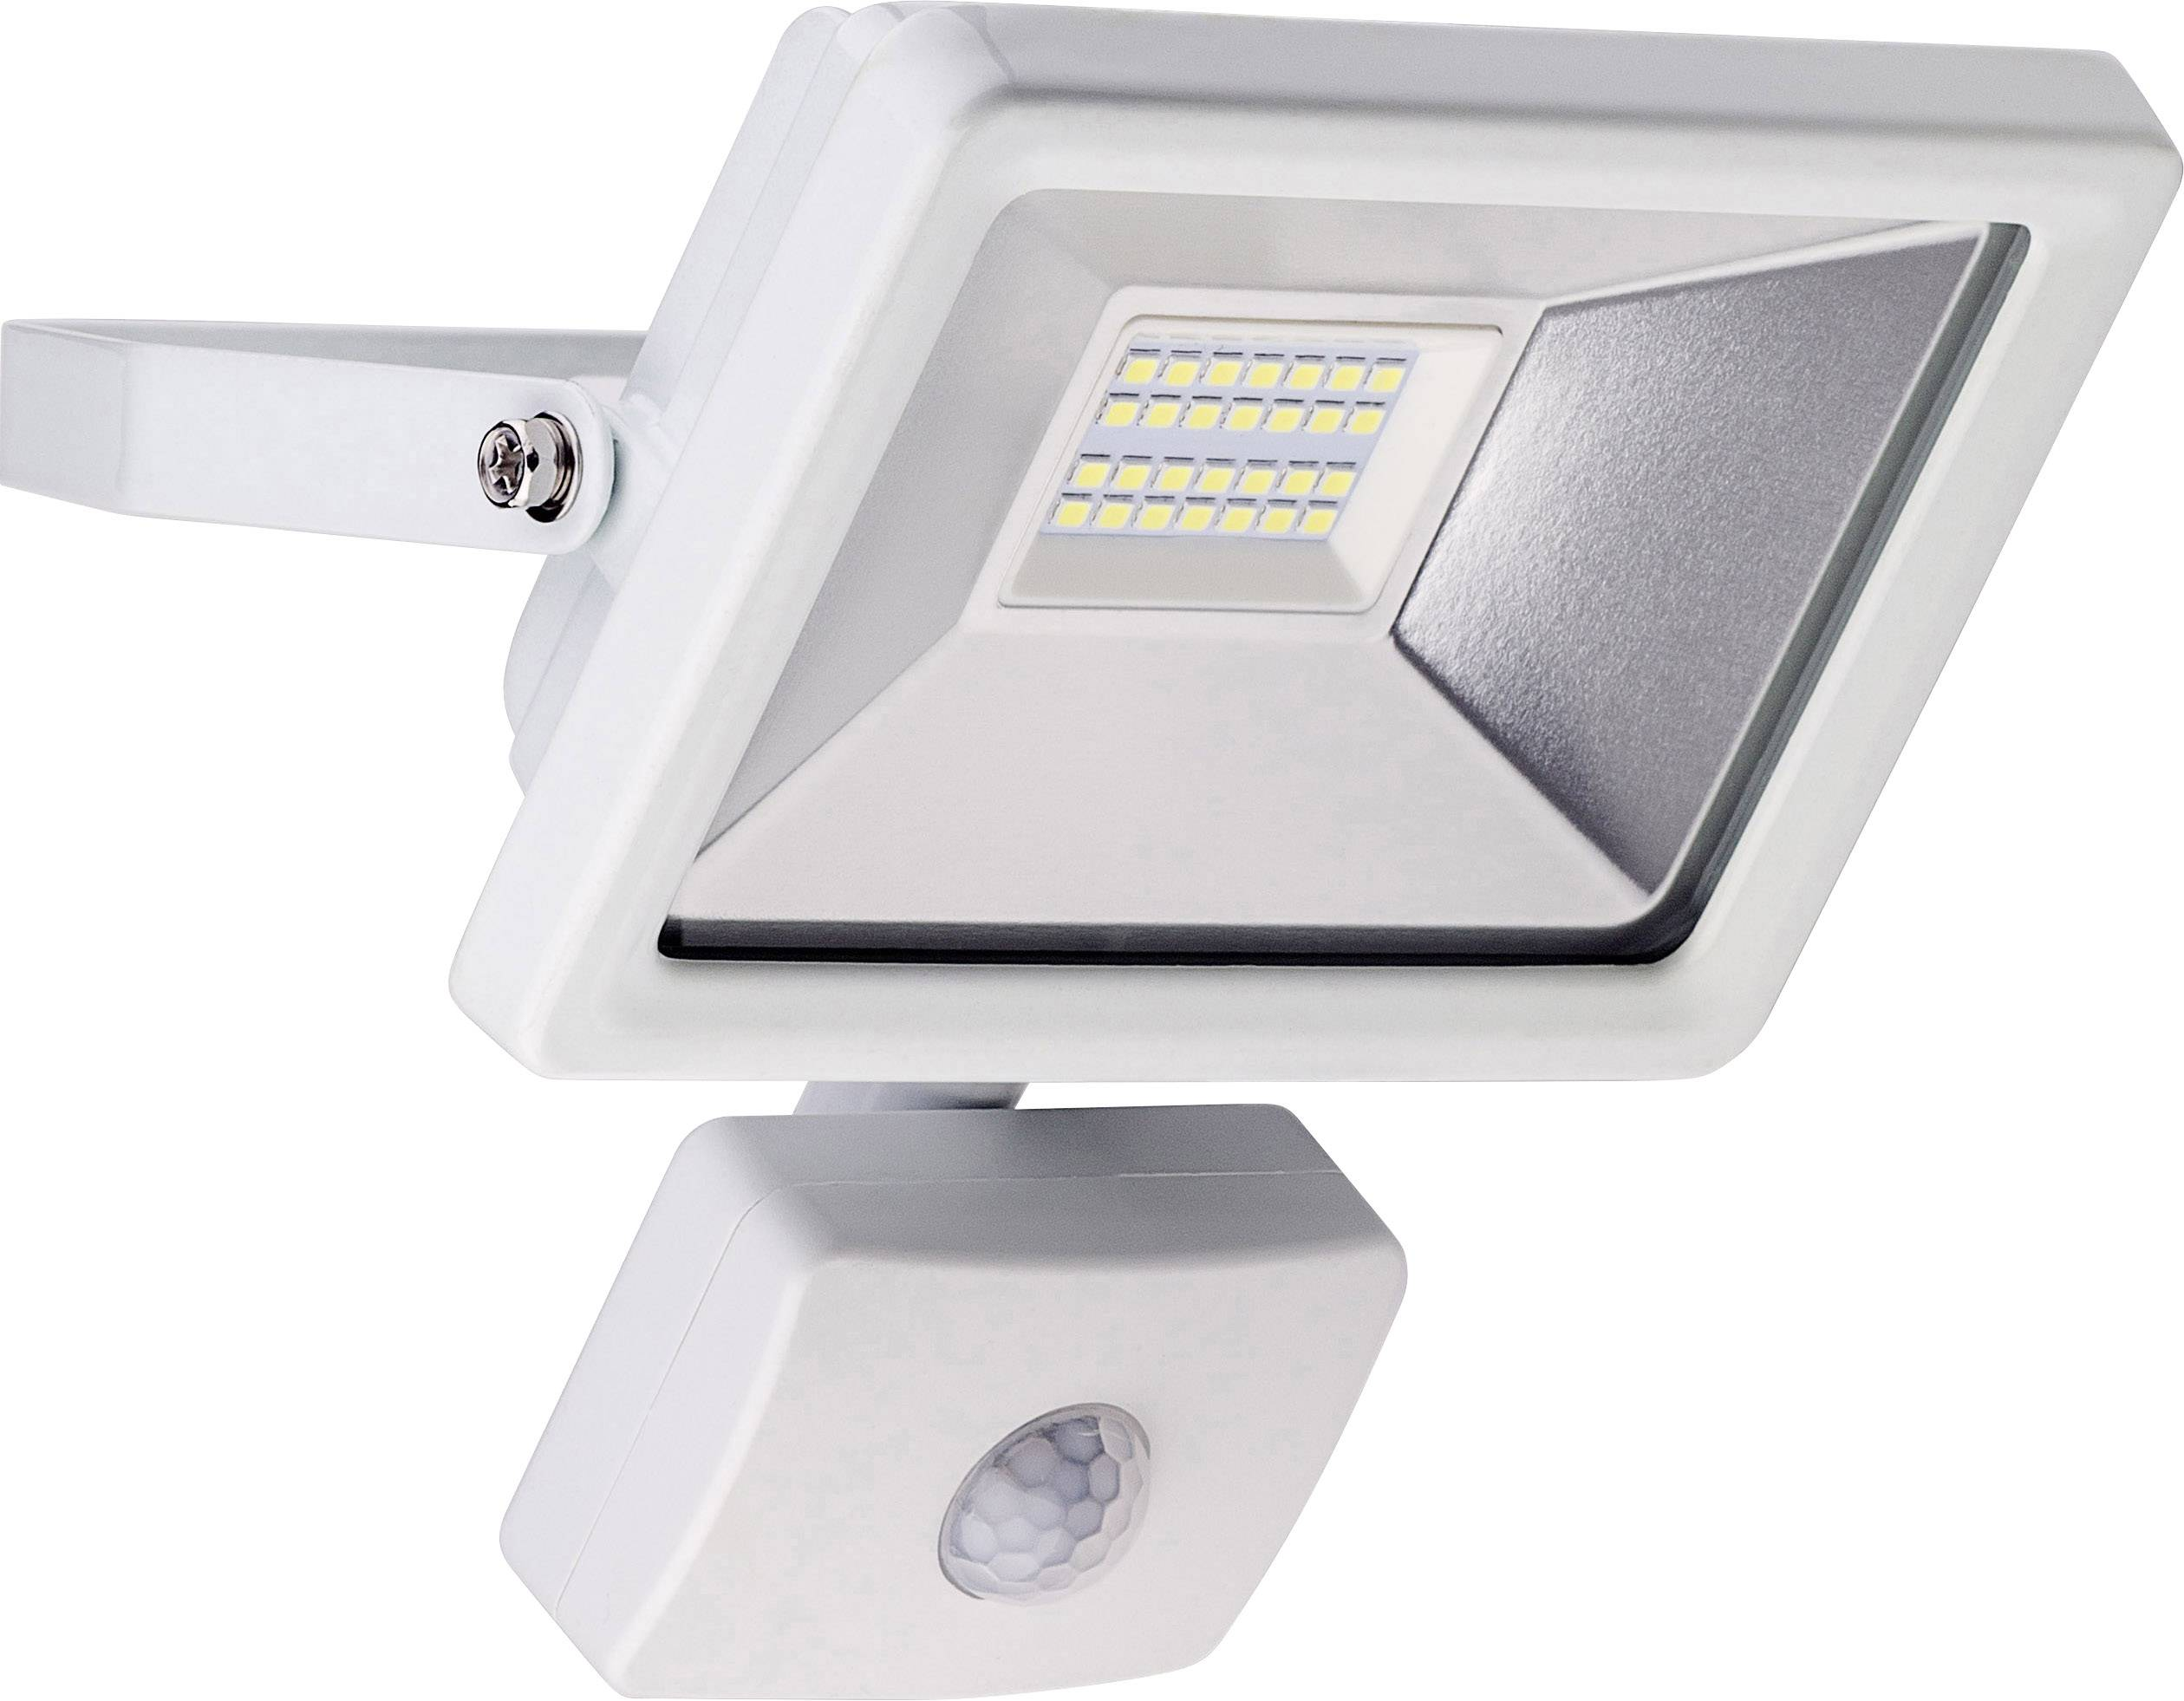 projecteur led ext rieur avec d tecteur de mouvements. Black Bedroom Furniture Sets. Home Design Ideas